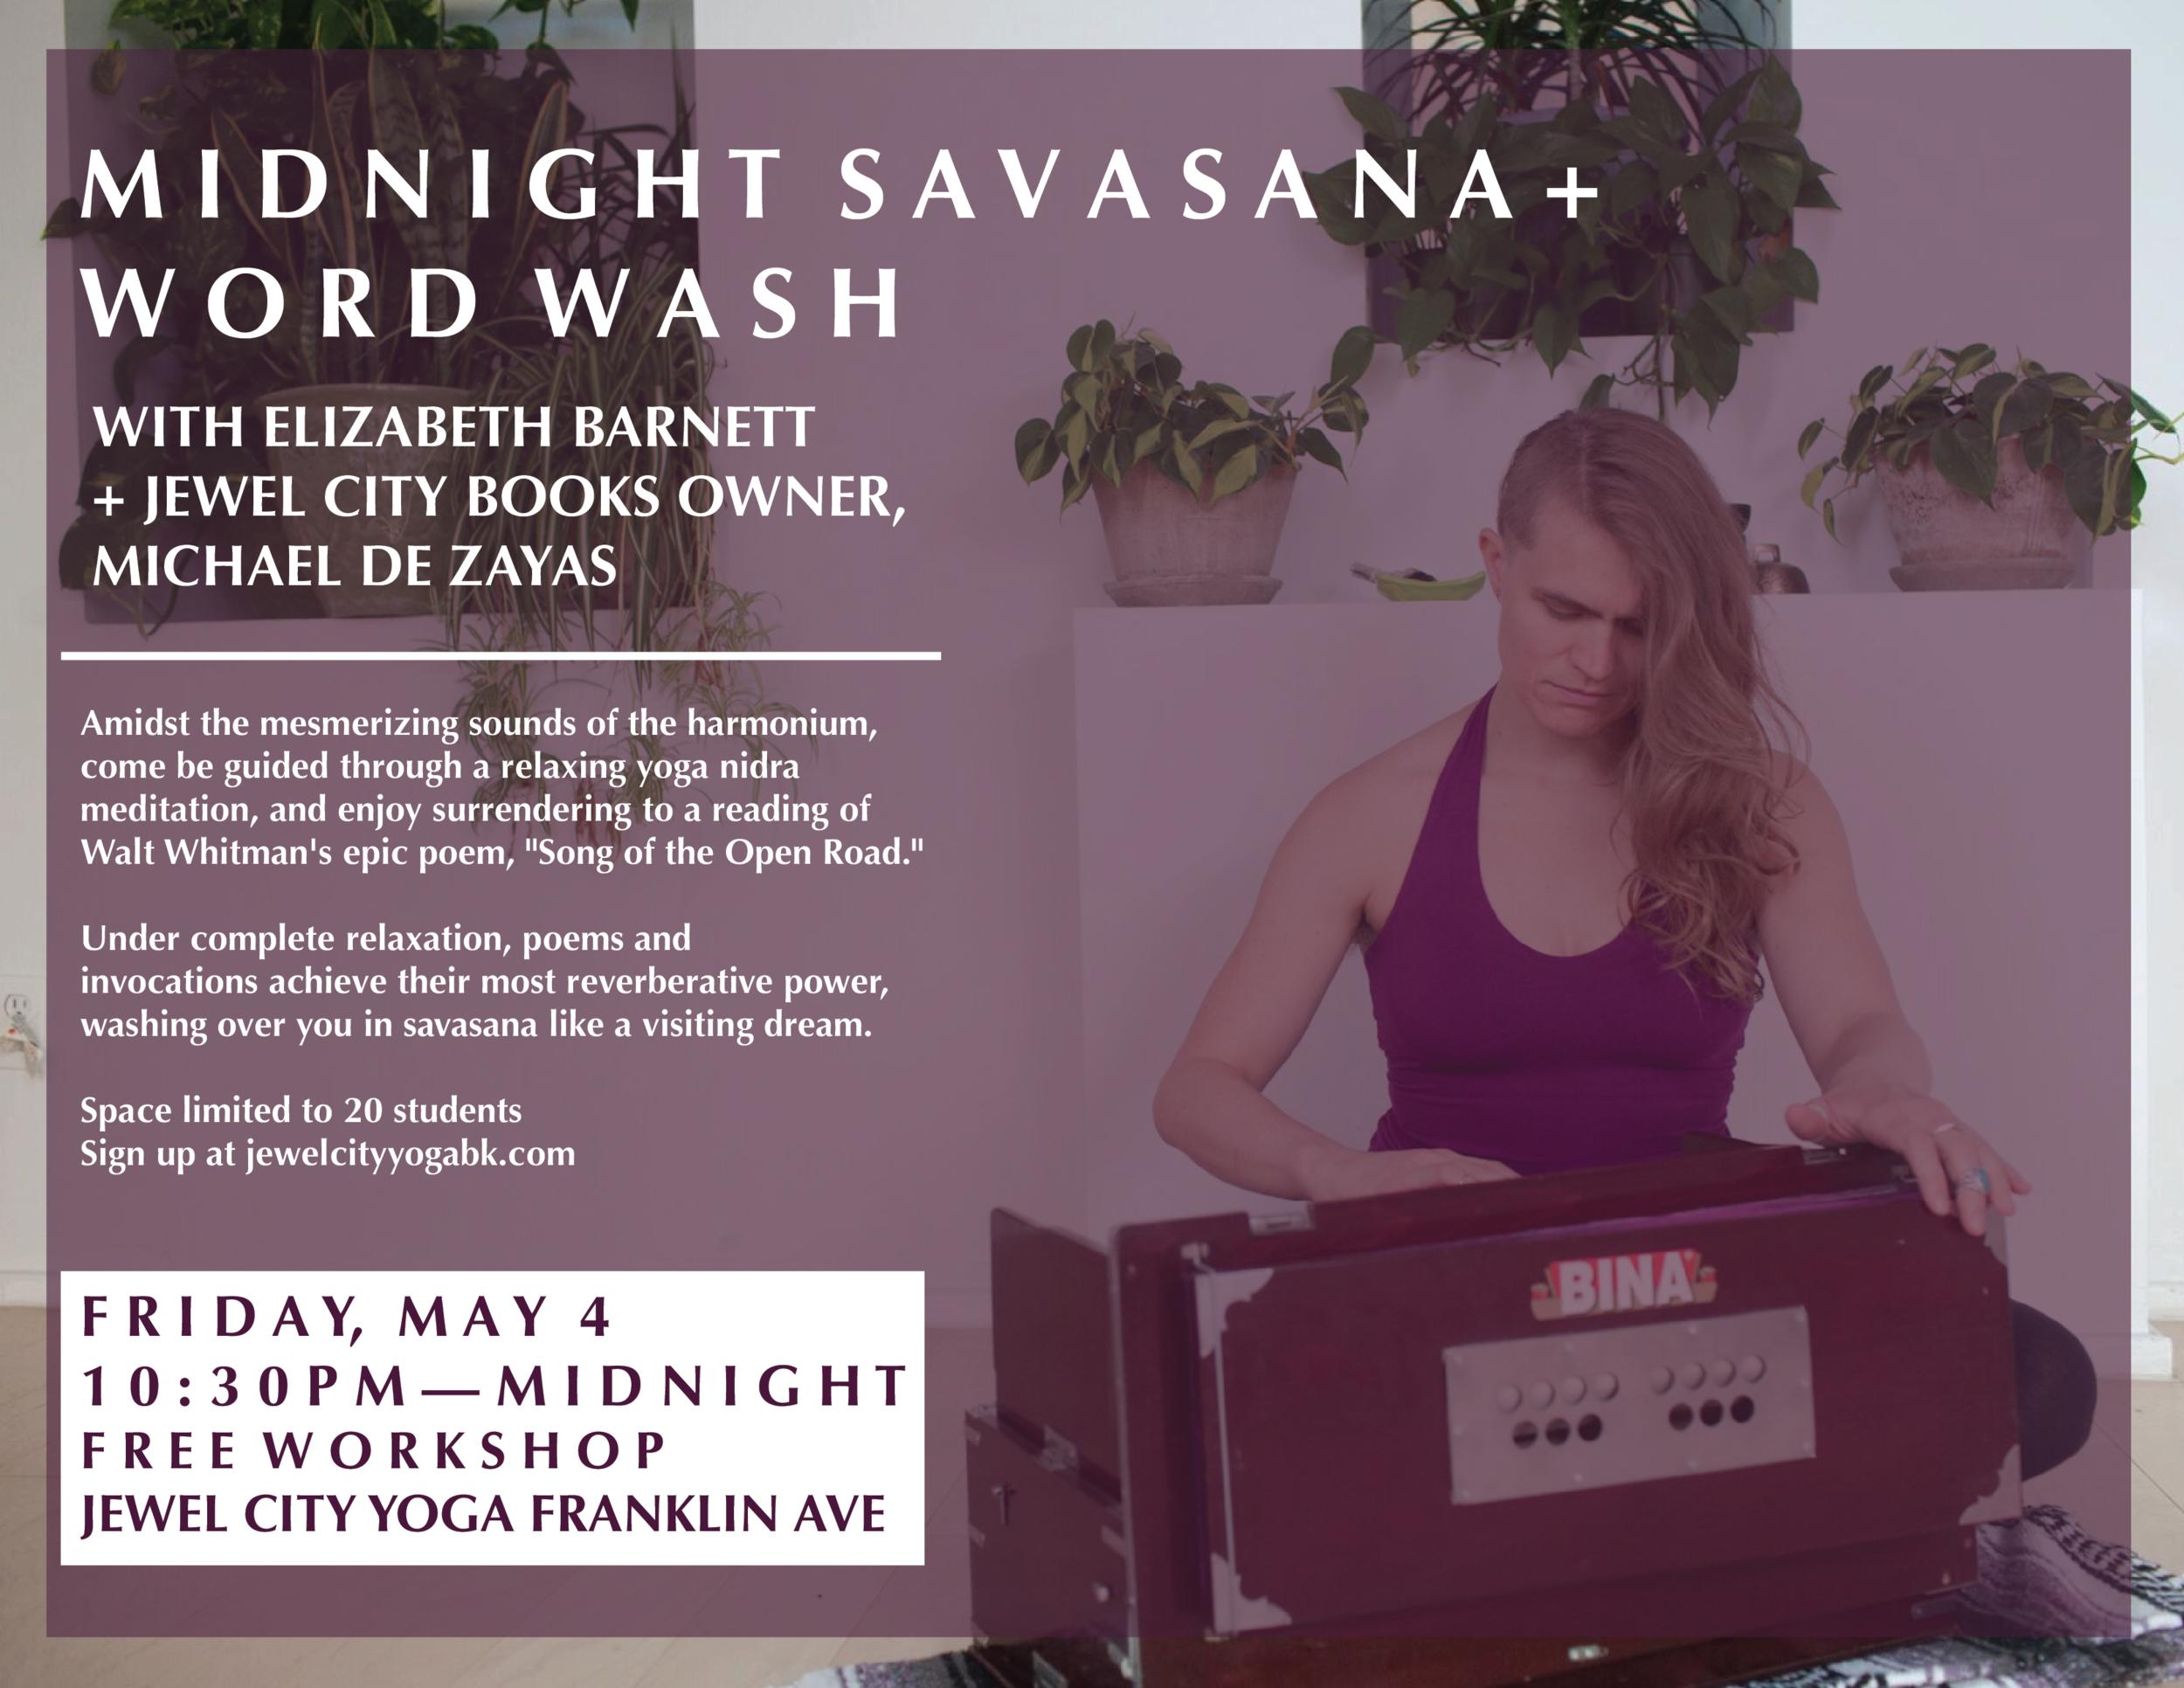 JCY_Midnight Savasana Wkshp Flyer-01.png